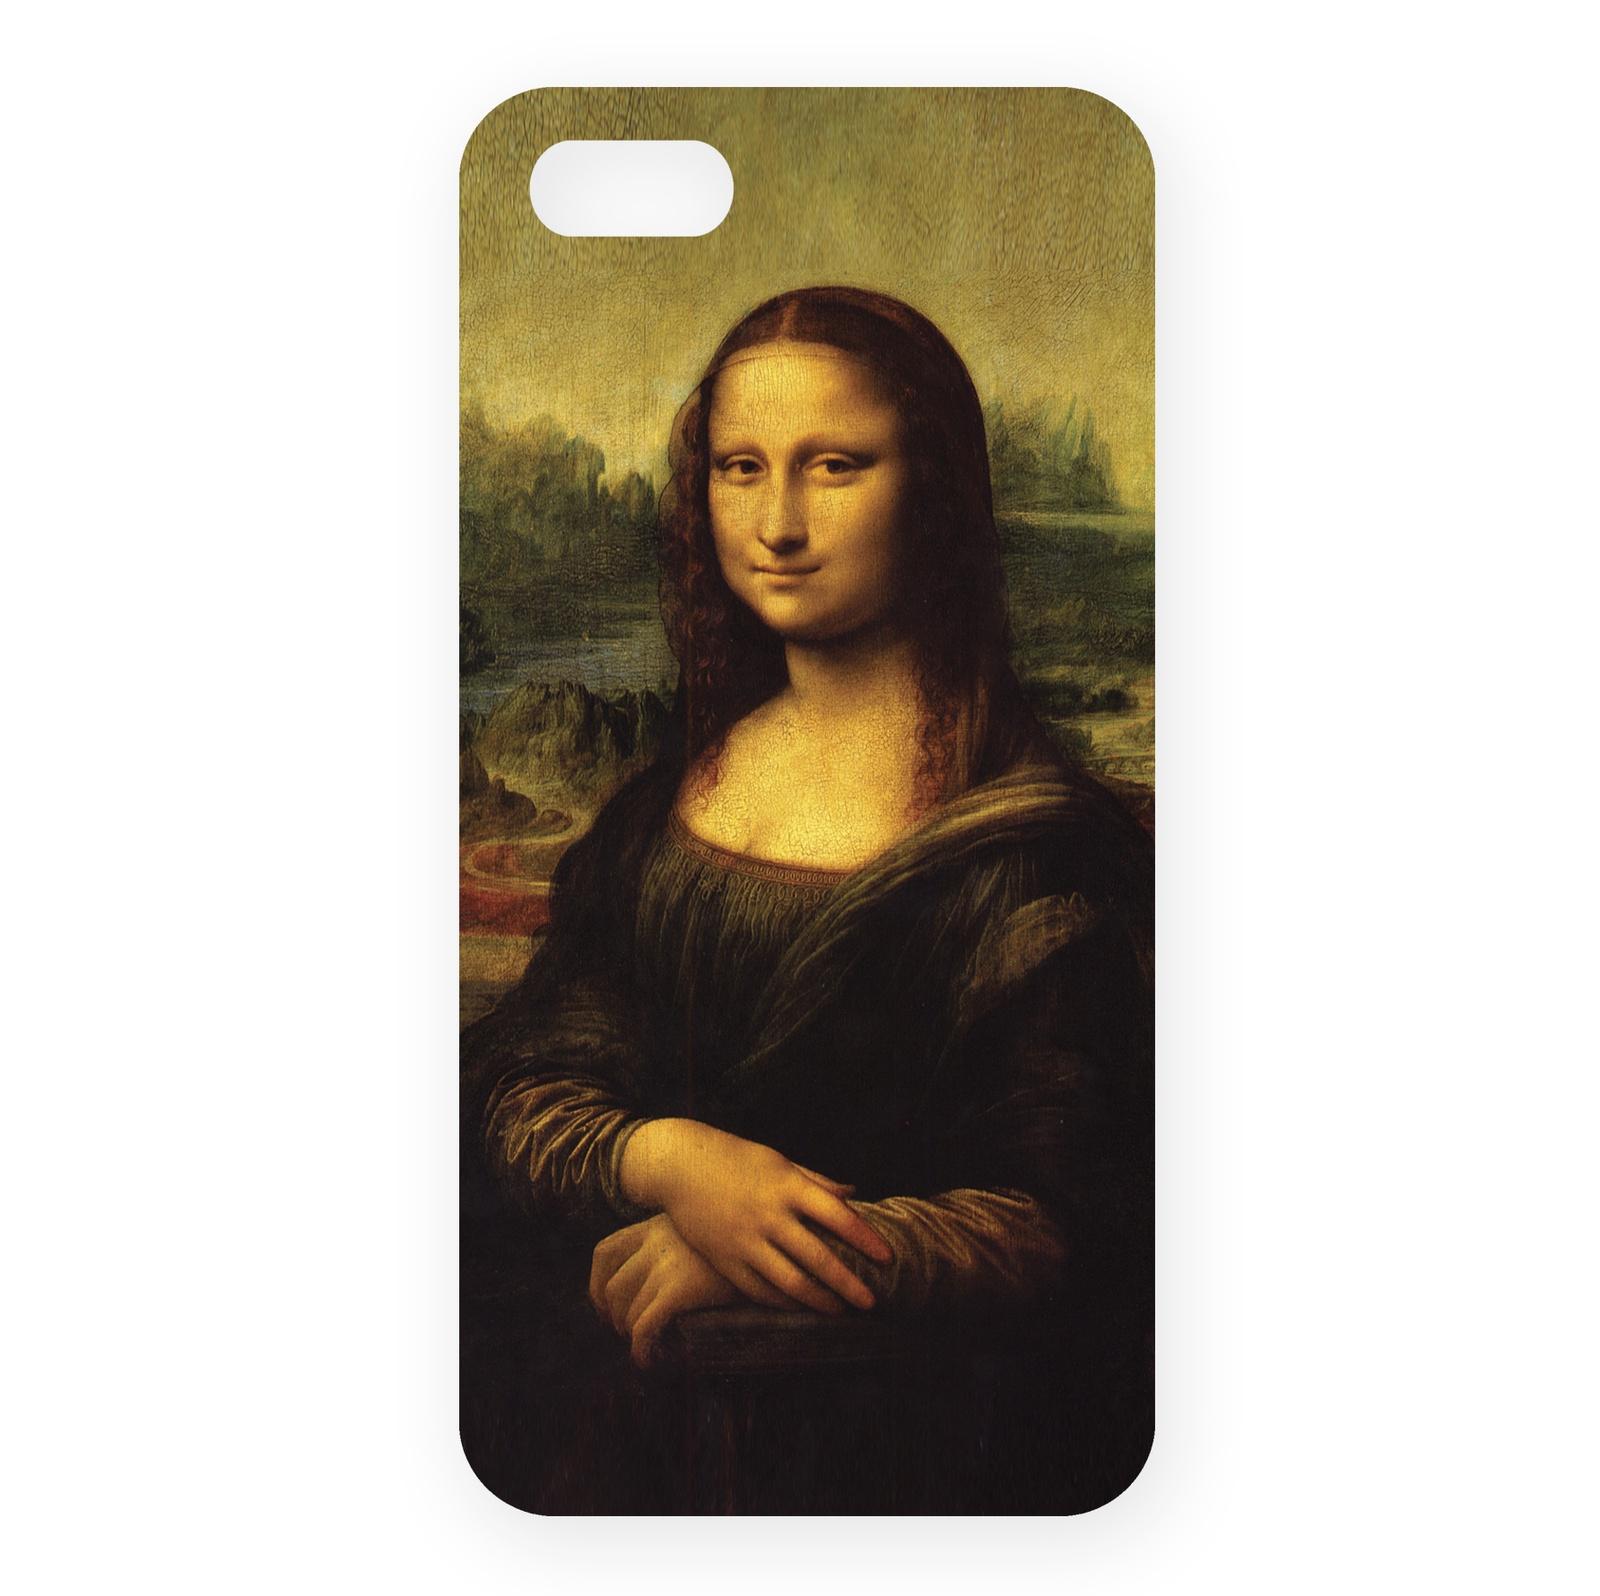 Чехол для IPhone 5 Мона Лиза IP5.MITYA-231 цена и фото